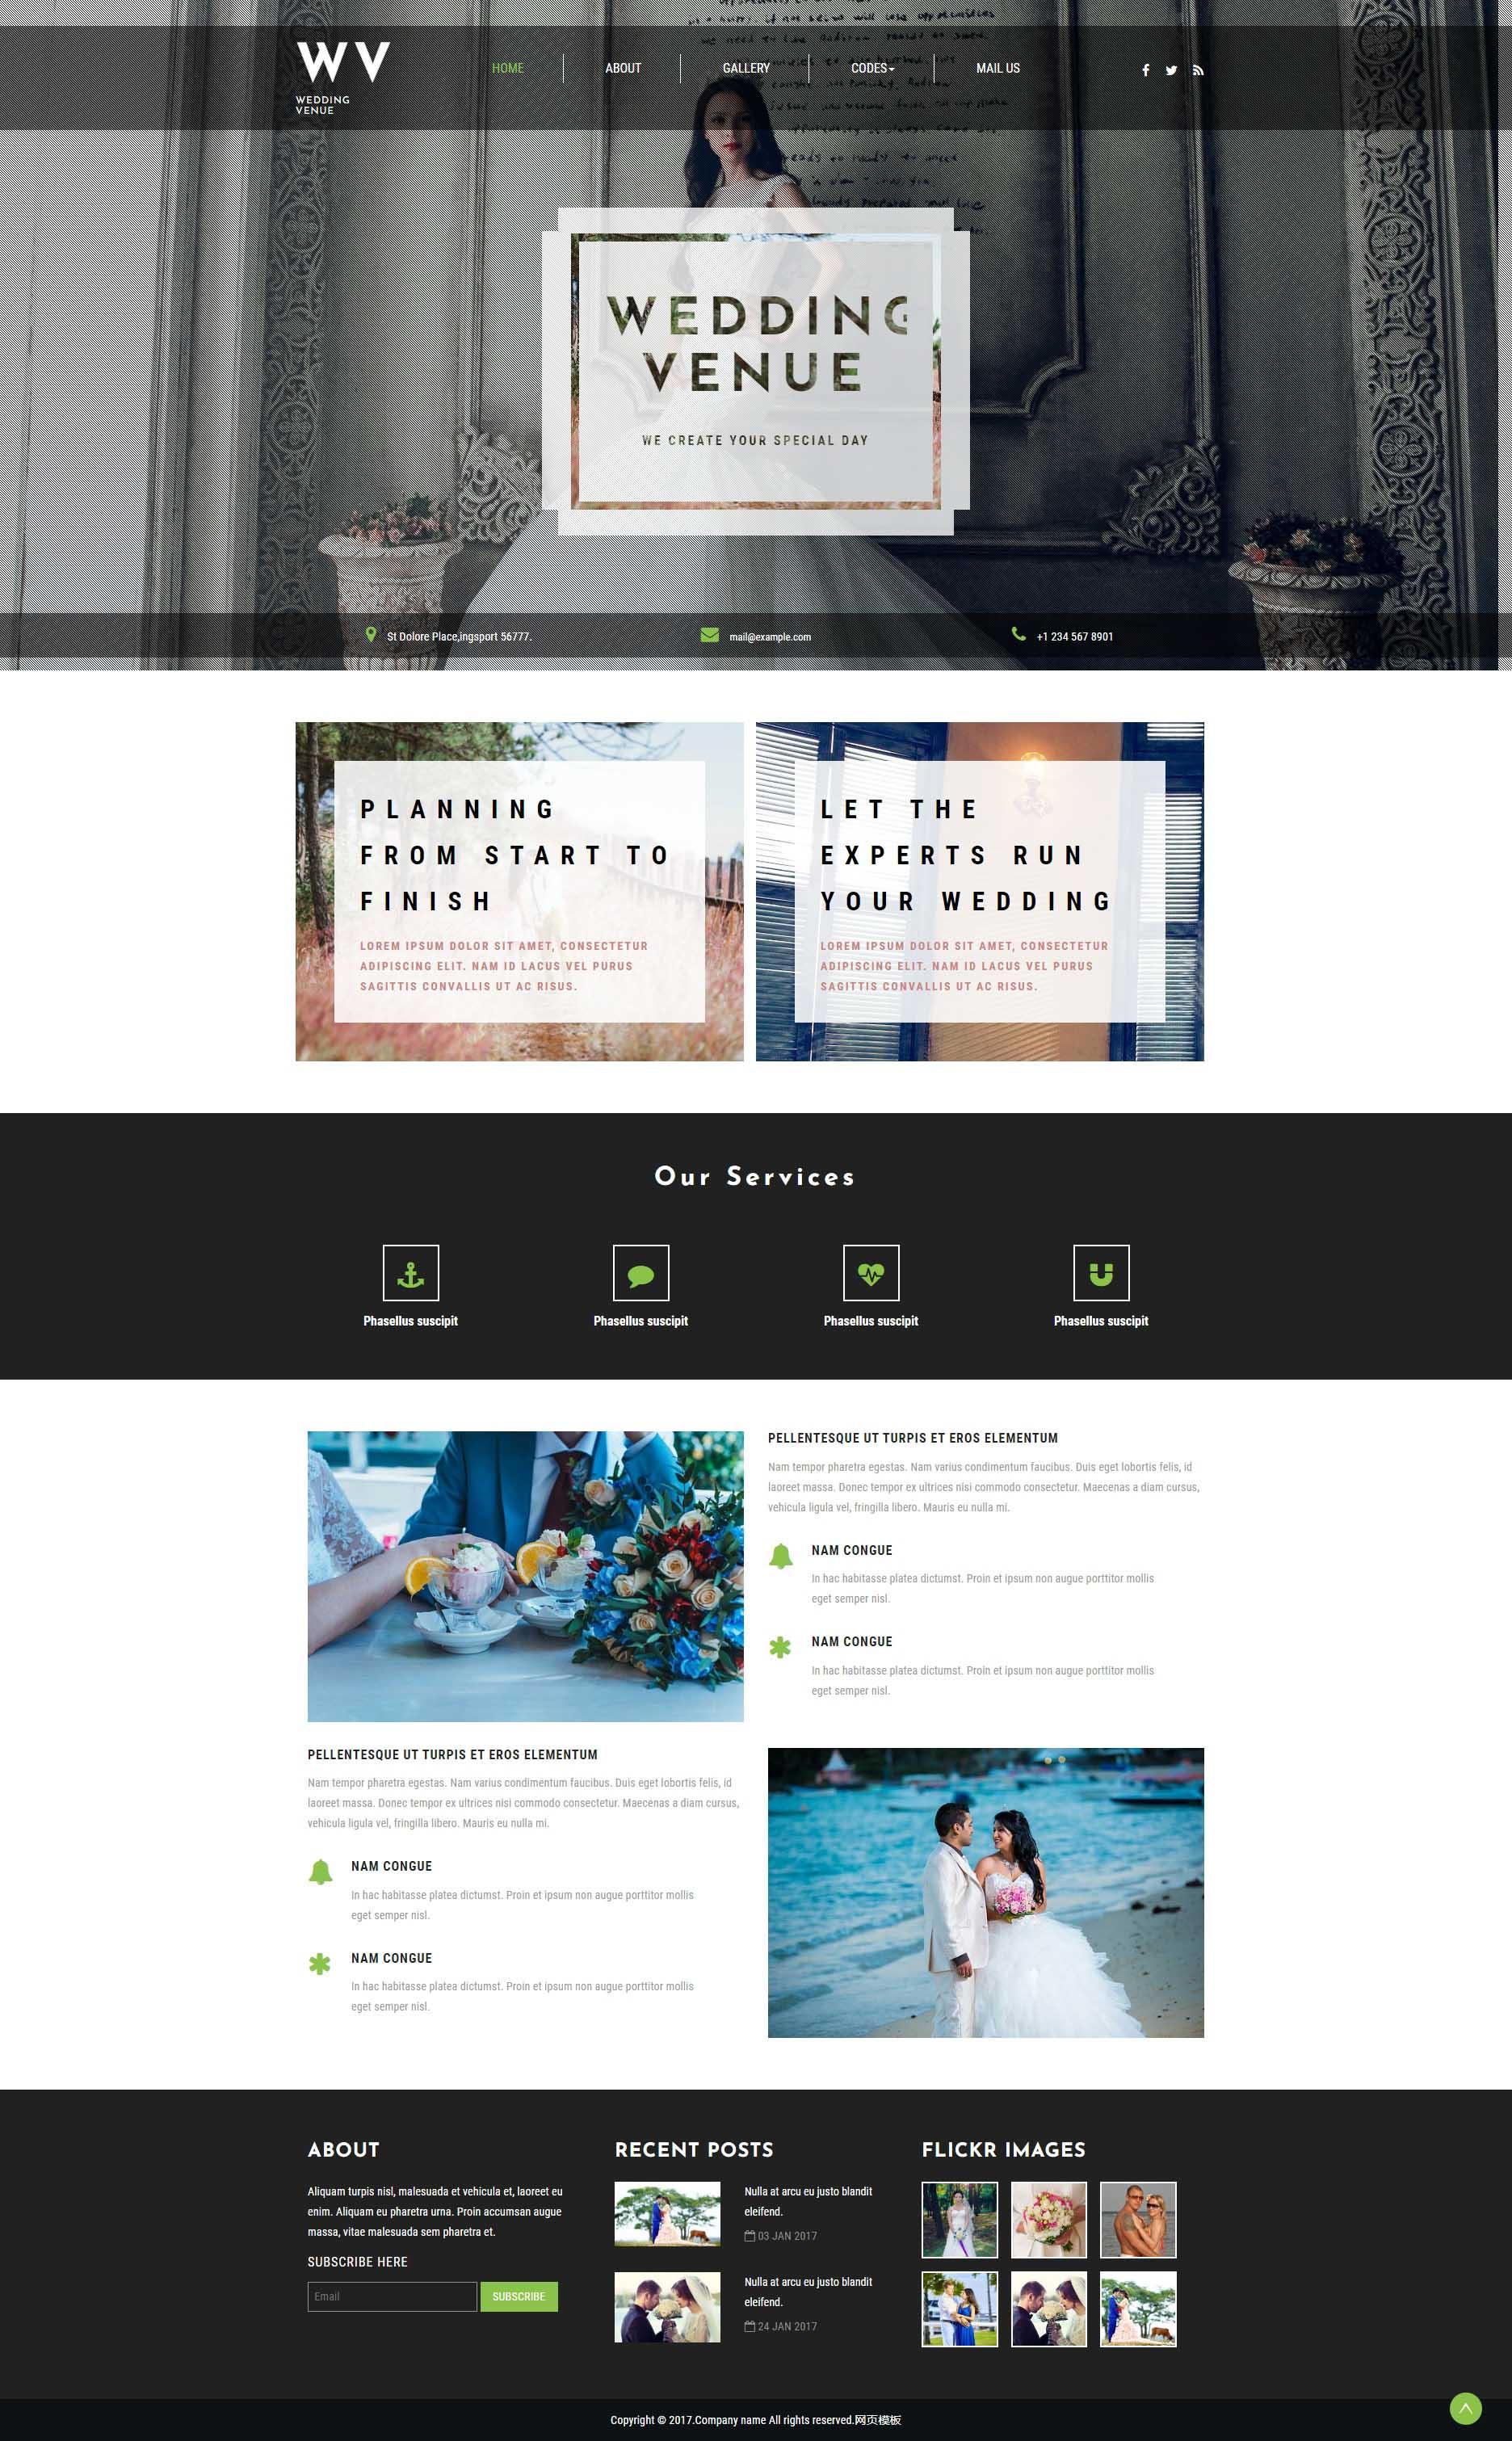 黑色宽屏的婚纱摄影公司网页html模板下载